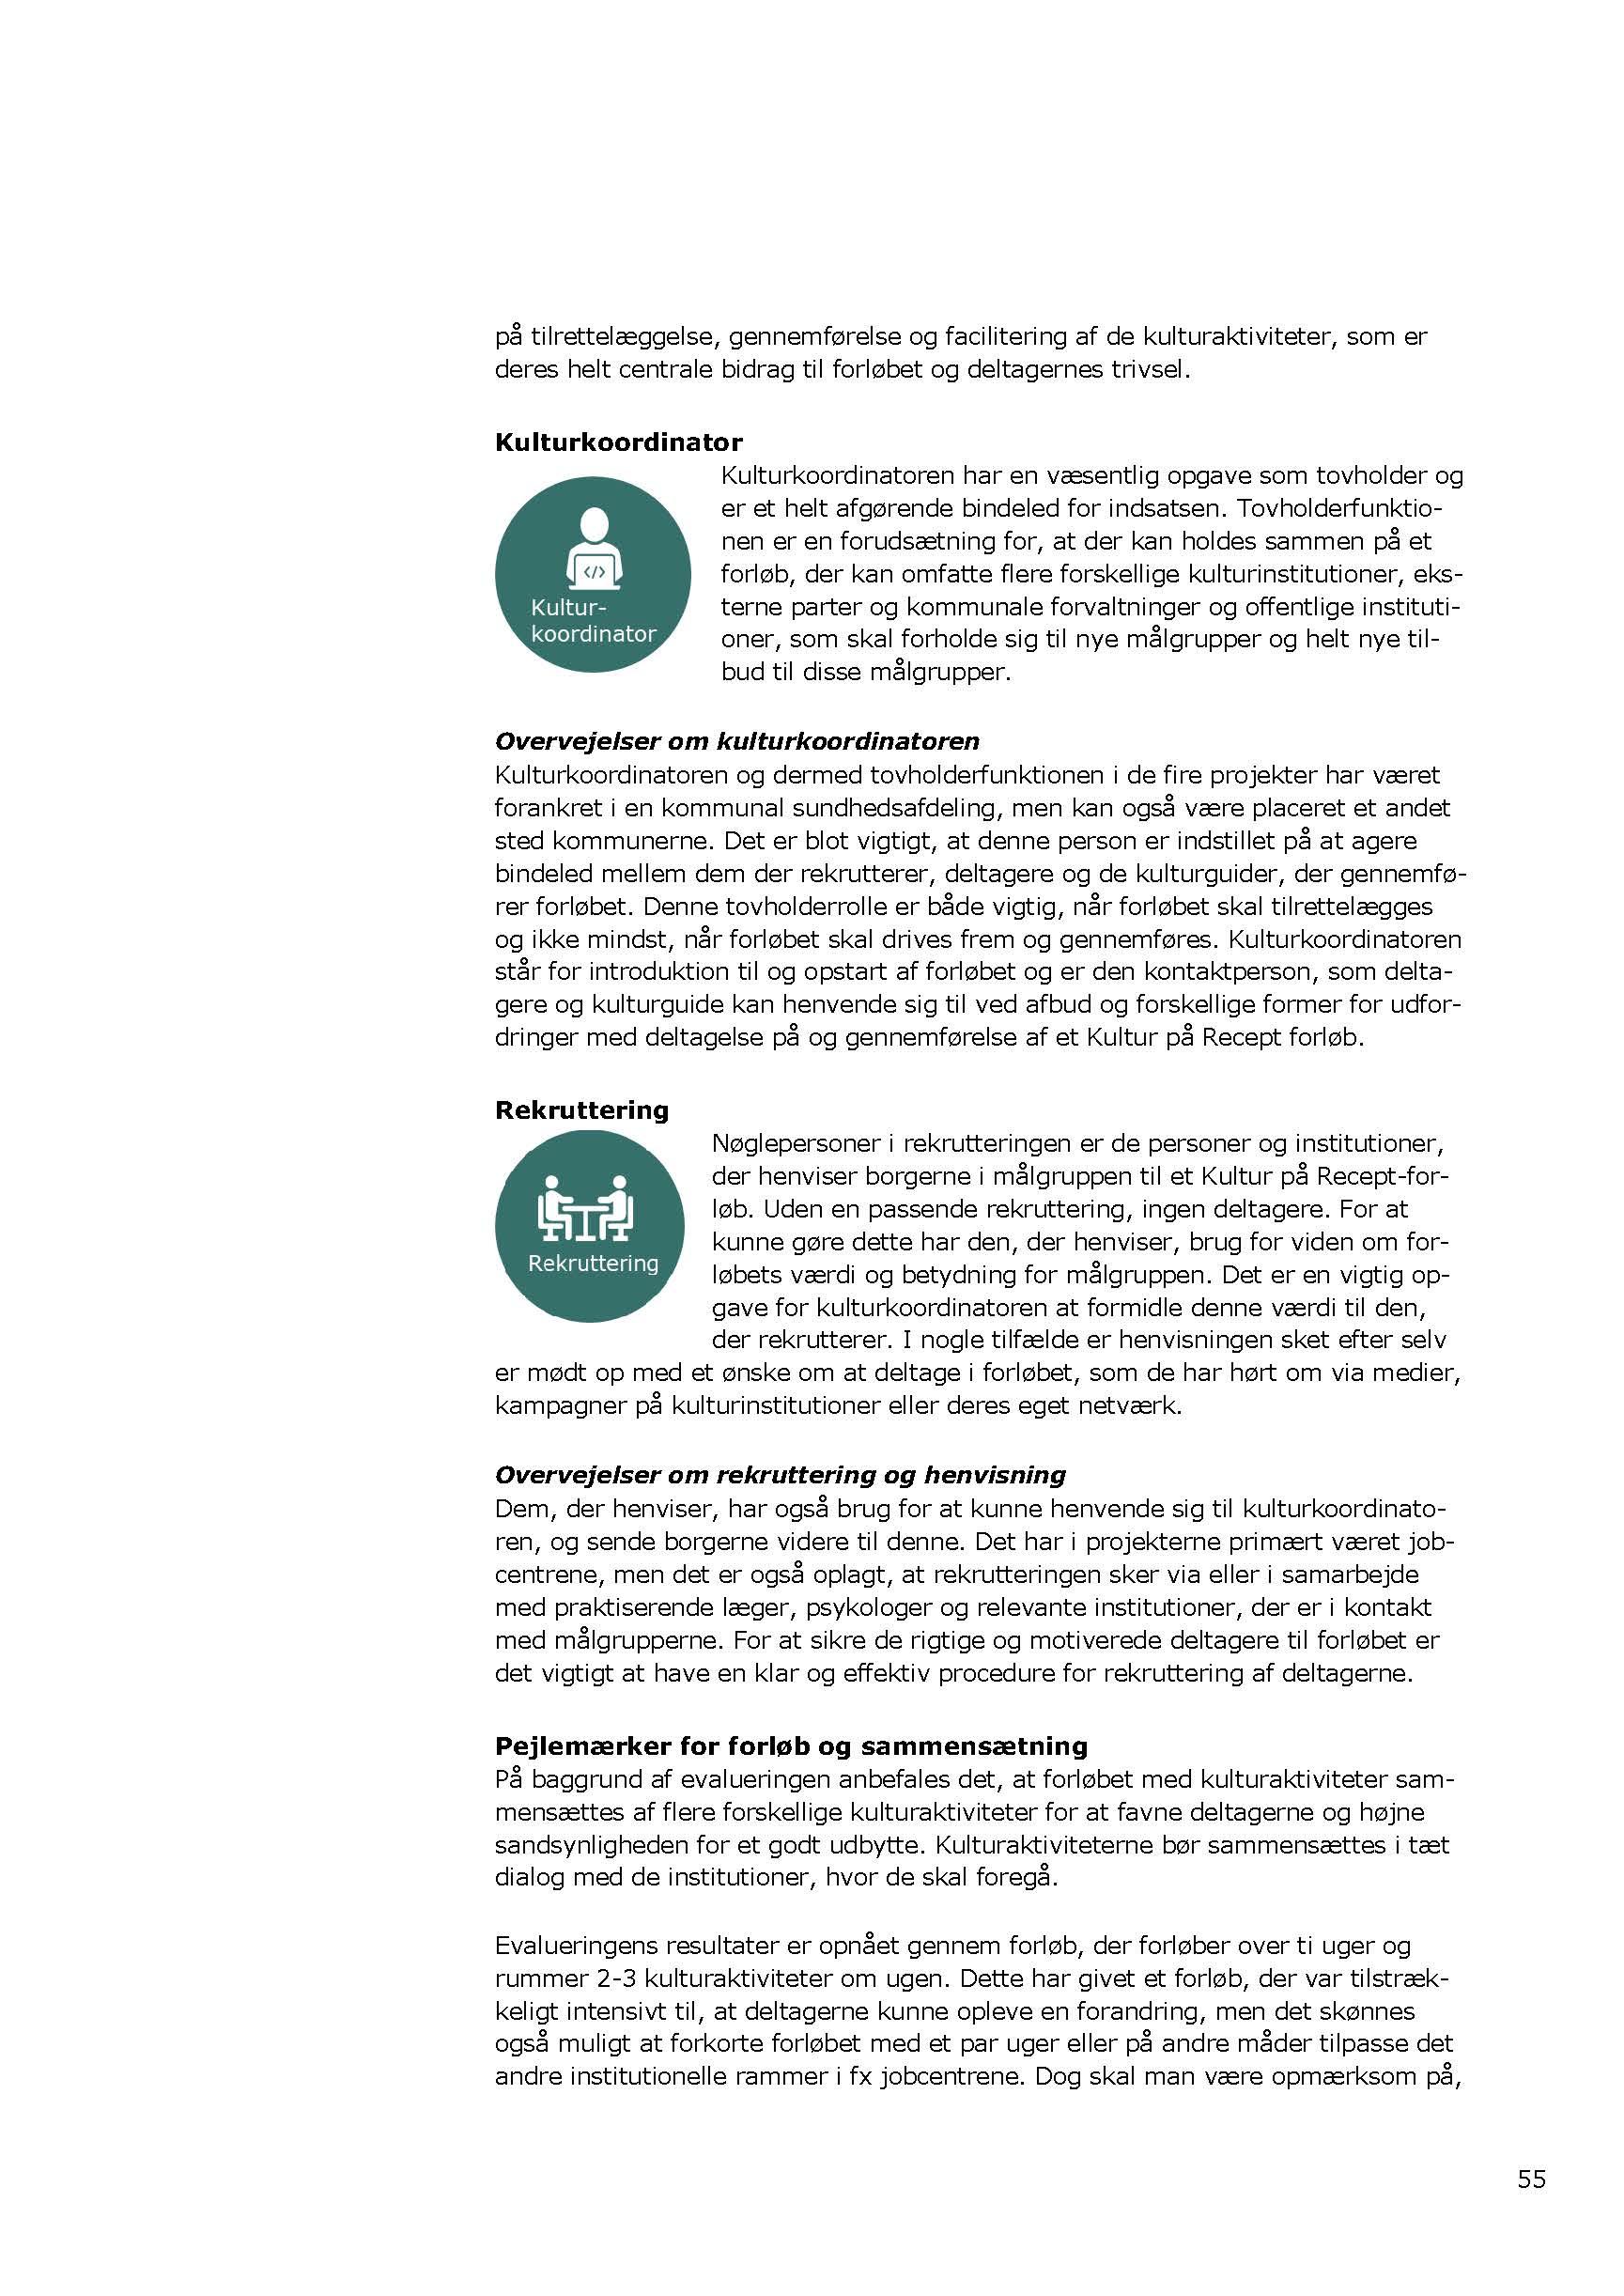 Kultur-paa-recept_tvaergaaende-evaluering_foraar-2020_Page_55